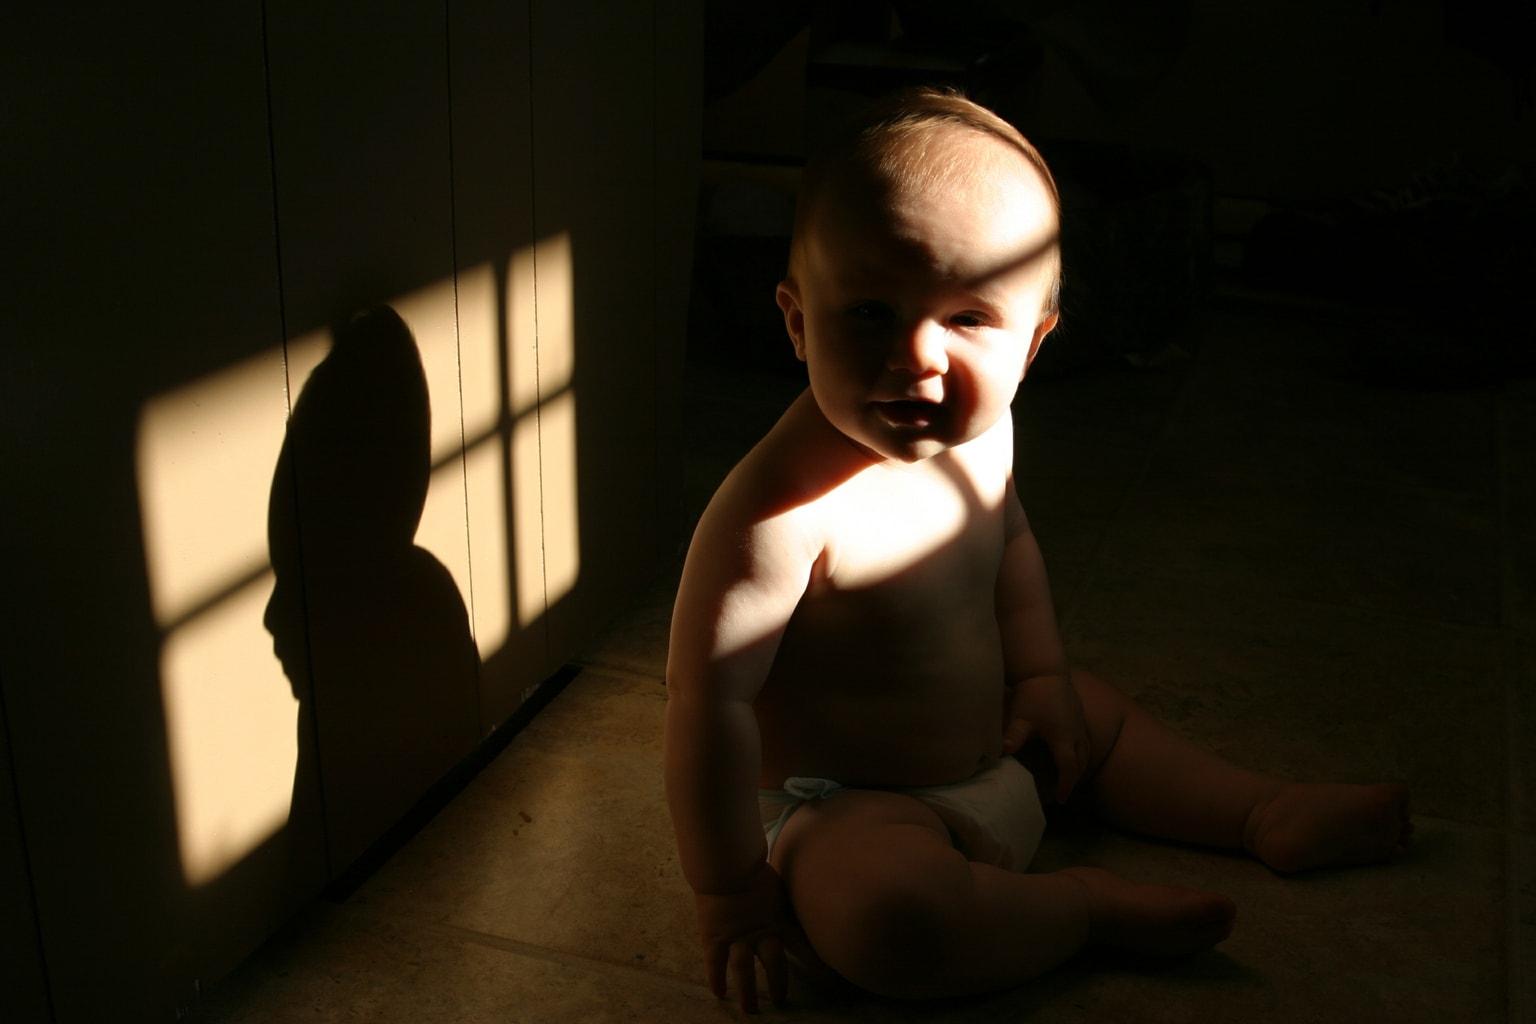 Sombras causadas por la luz procedente de una ventana